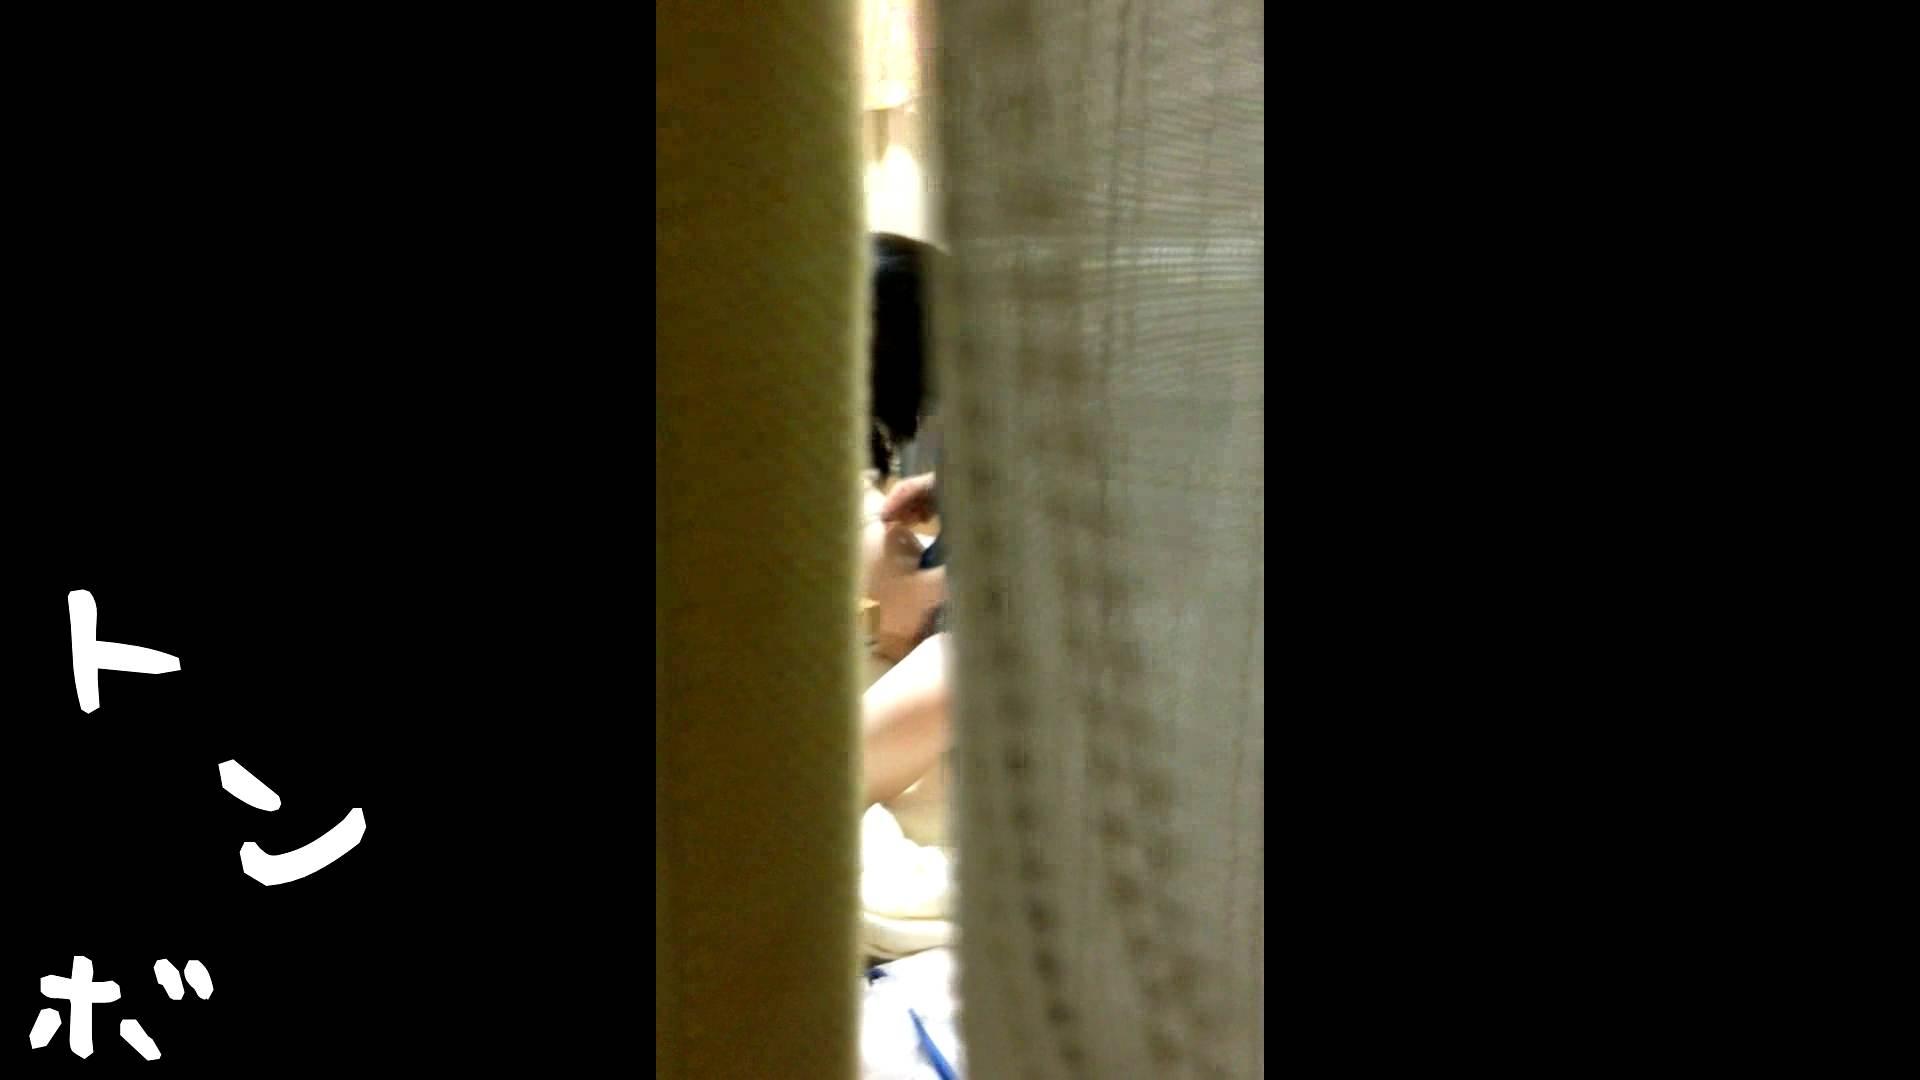 リアル盗撮 作家志望J子 アソコのお手入れ最中に感じてパンツを湿らす 盗撮   高画質  105pic 16